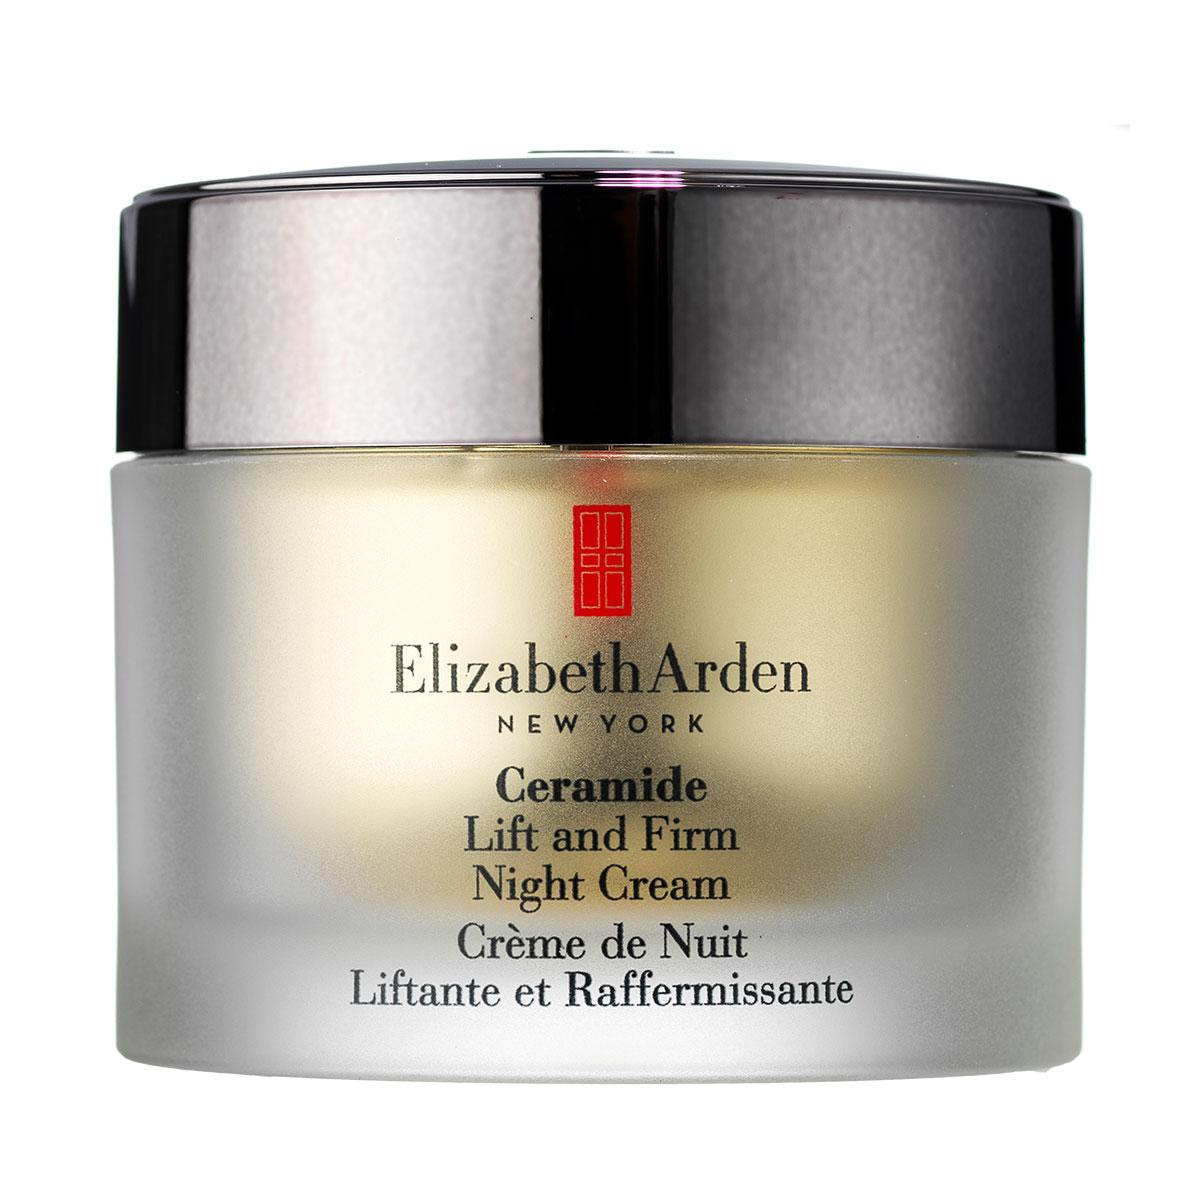 Billede af Elizabeth Arden Ceramide Lift & Firm Night Cream - 50 ml